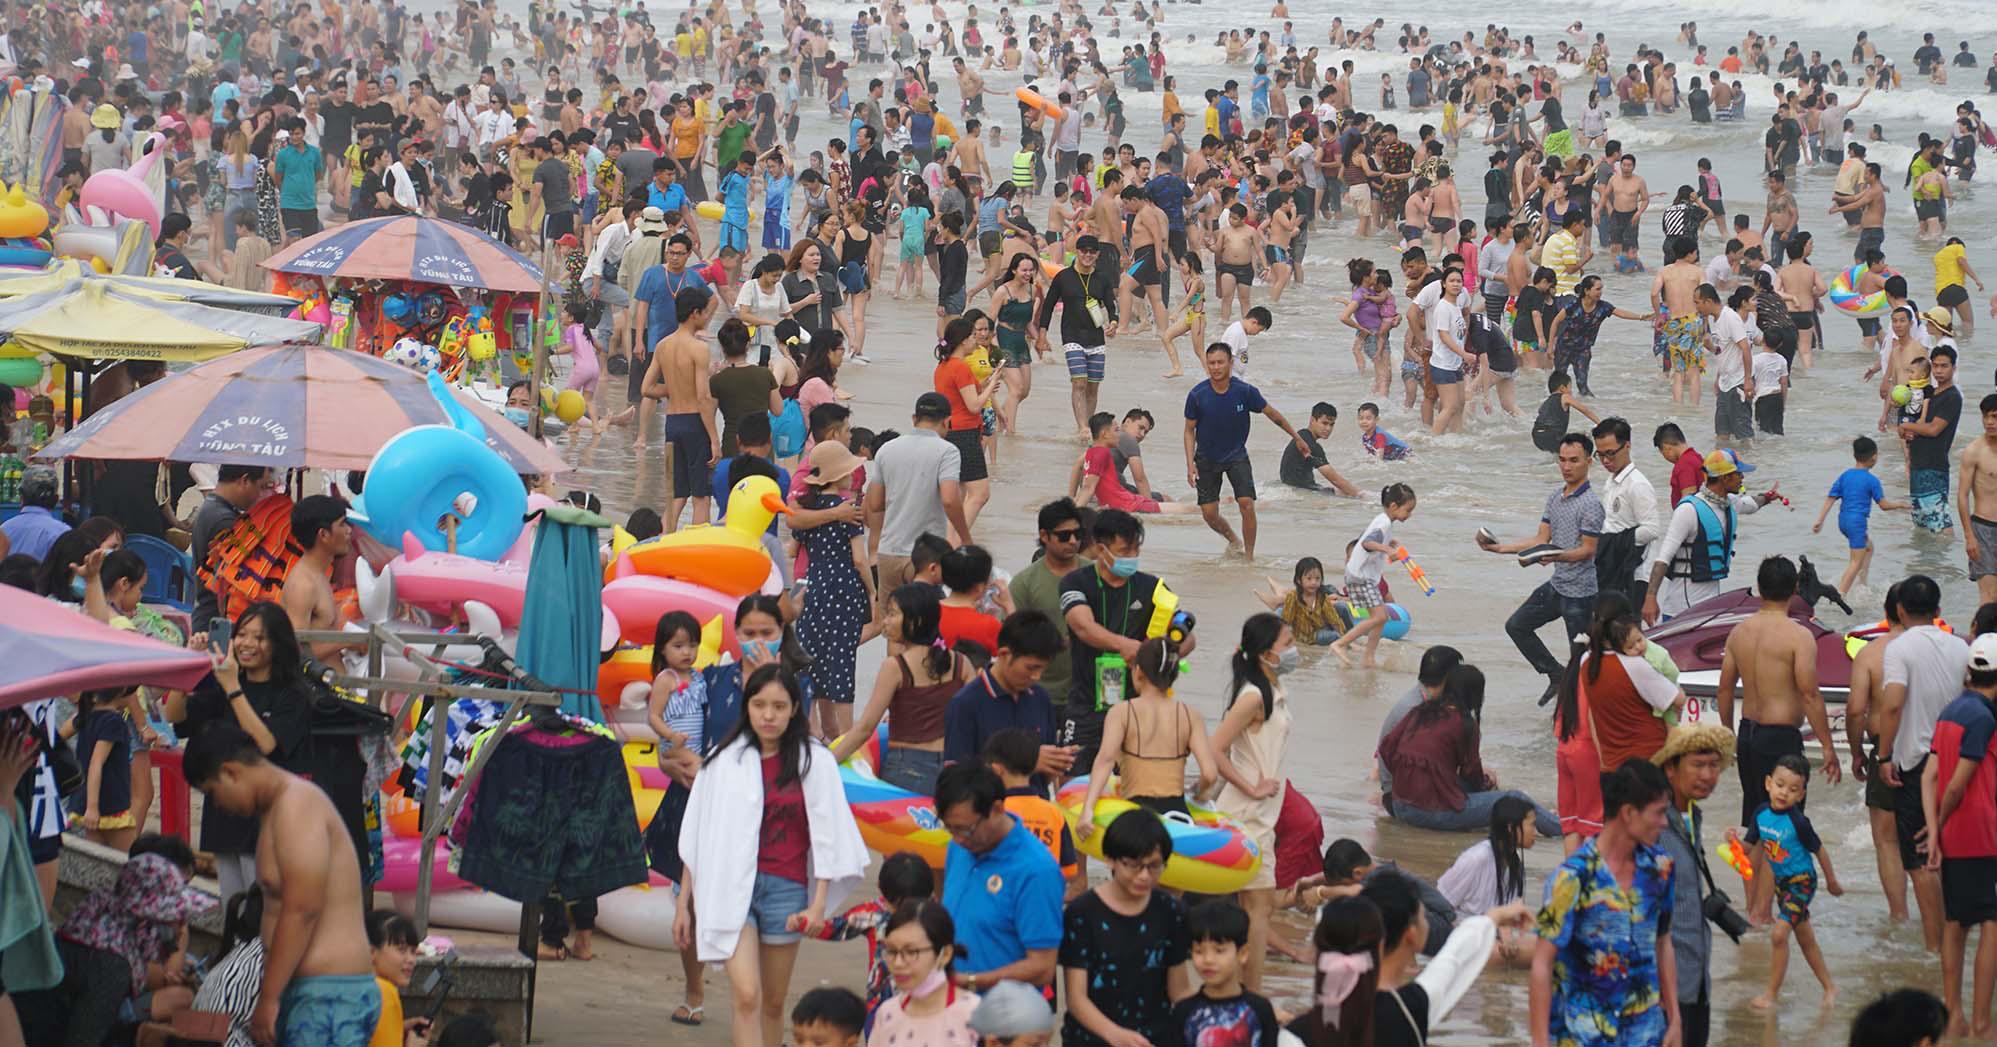 """Du lịch Vũng Tàu ngày 4/4: Hàng nghìn du khách đổ về bãi biển, cửa hàng """"Gốc Vú Sữa"""", """" Cô Ba"""" - Ảnh 5."""